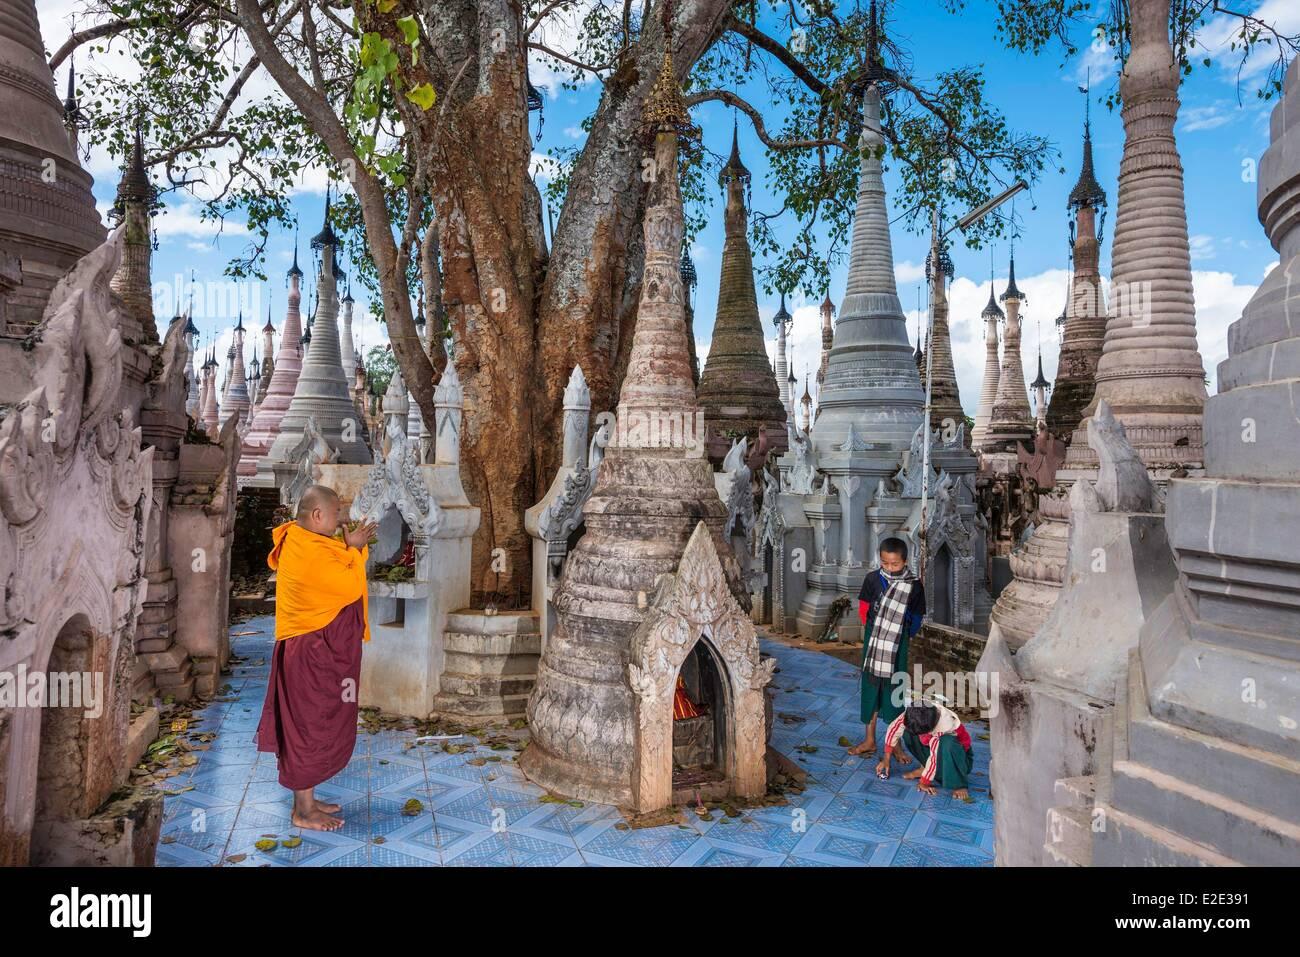 Myanmar (Birmania), el estado de Shan Pao tribu arqueológica y religiosa fuera de sitio cerca de bronceado Imagen De Stock